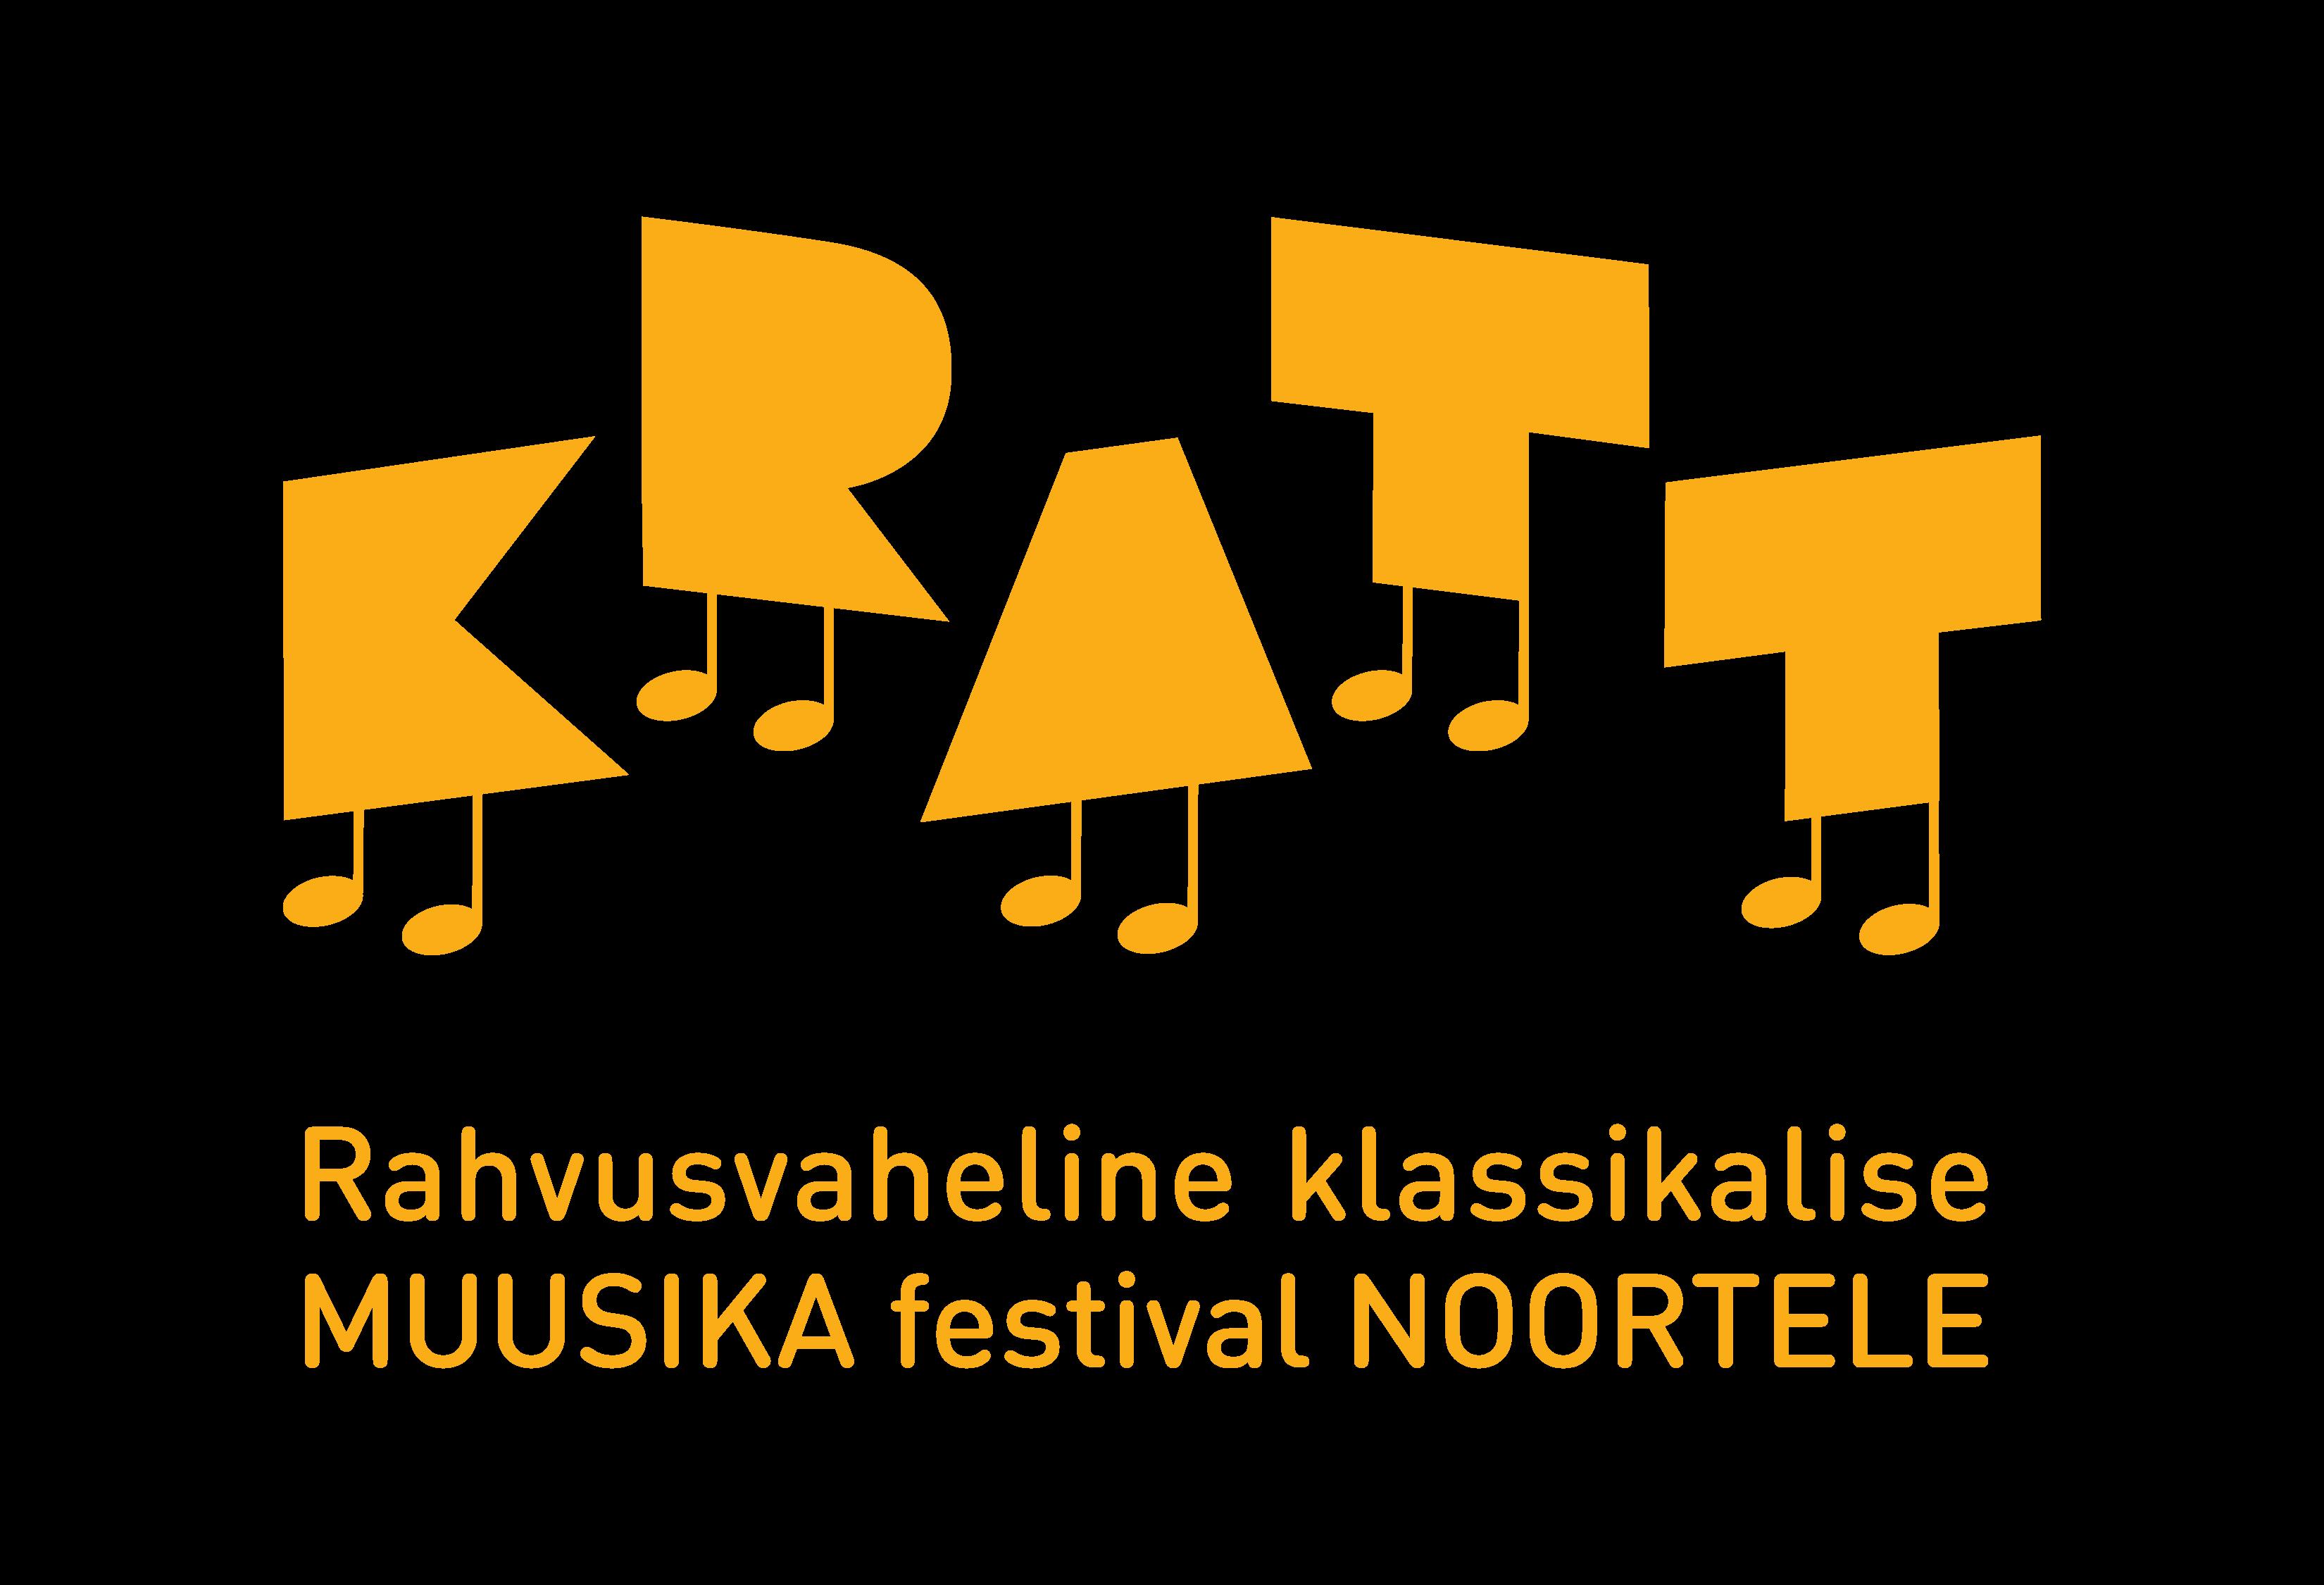 KRATT Logo